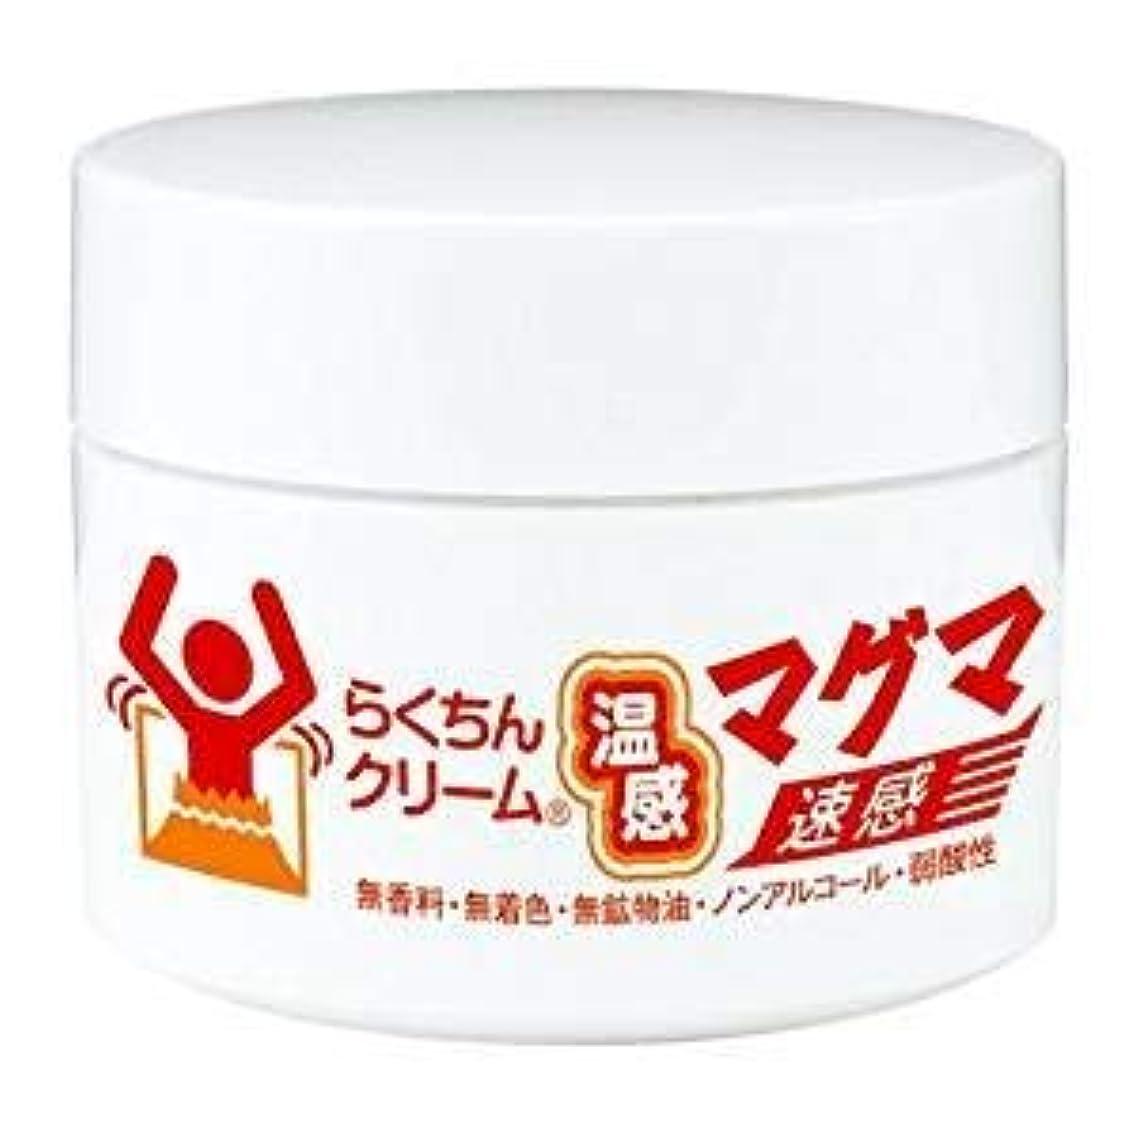 姿を消すスキッパー冷凍庫らくちんクリーム温感マグマ速感 全国1200店舗の体のプロが使用するクリーム。